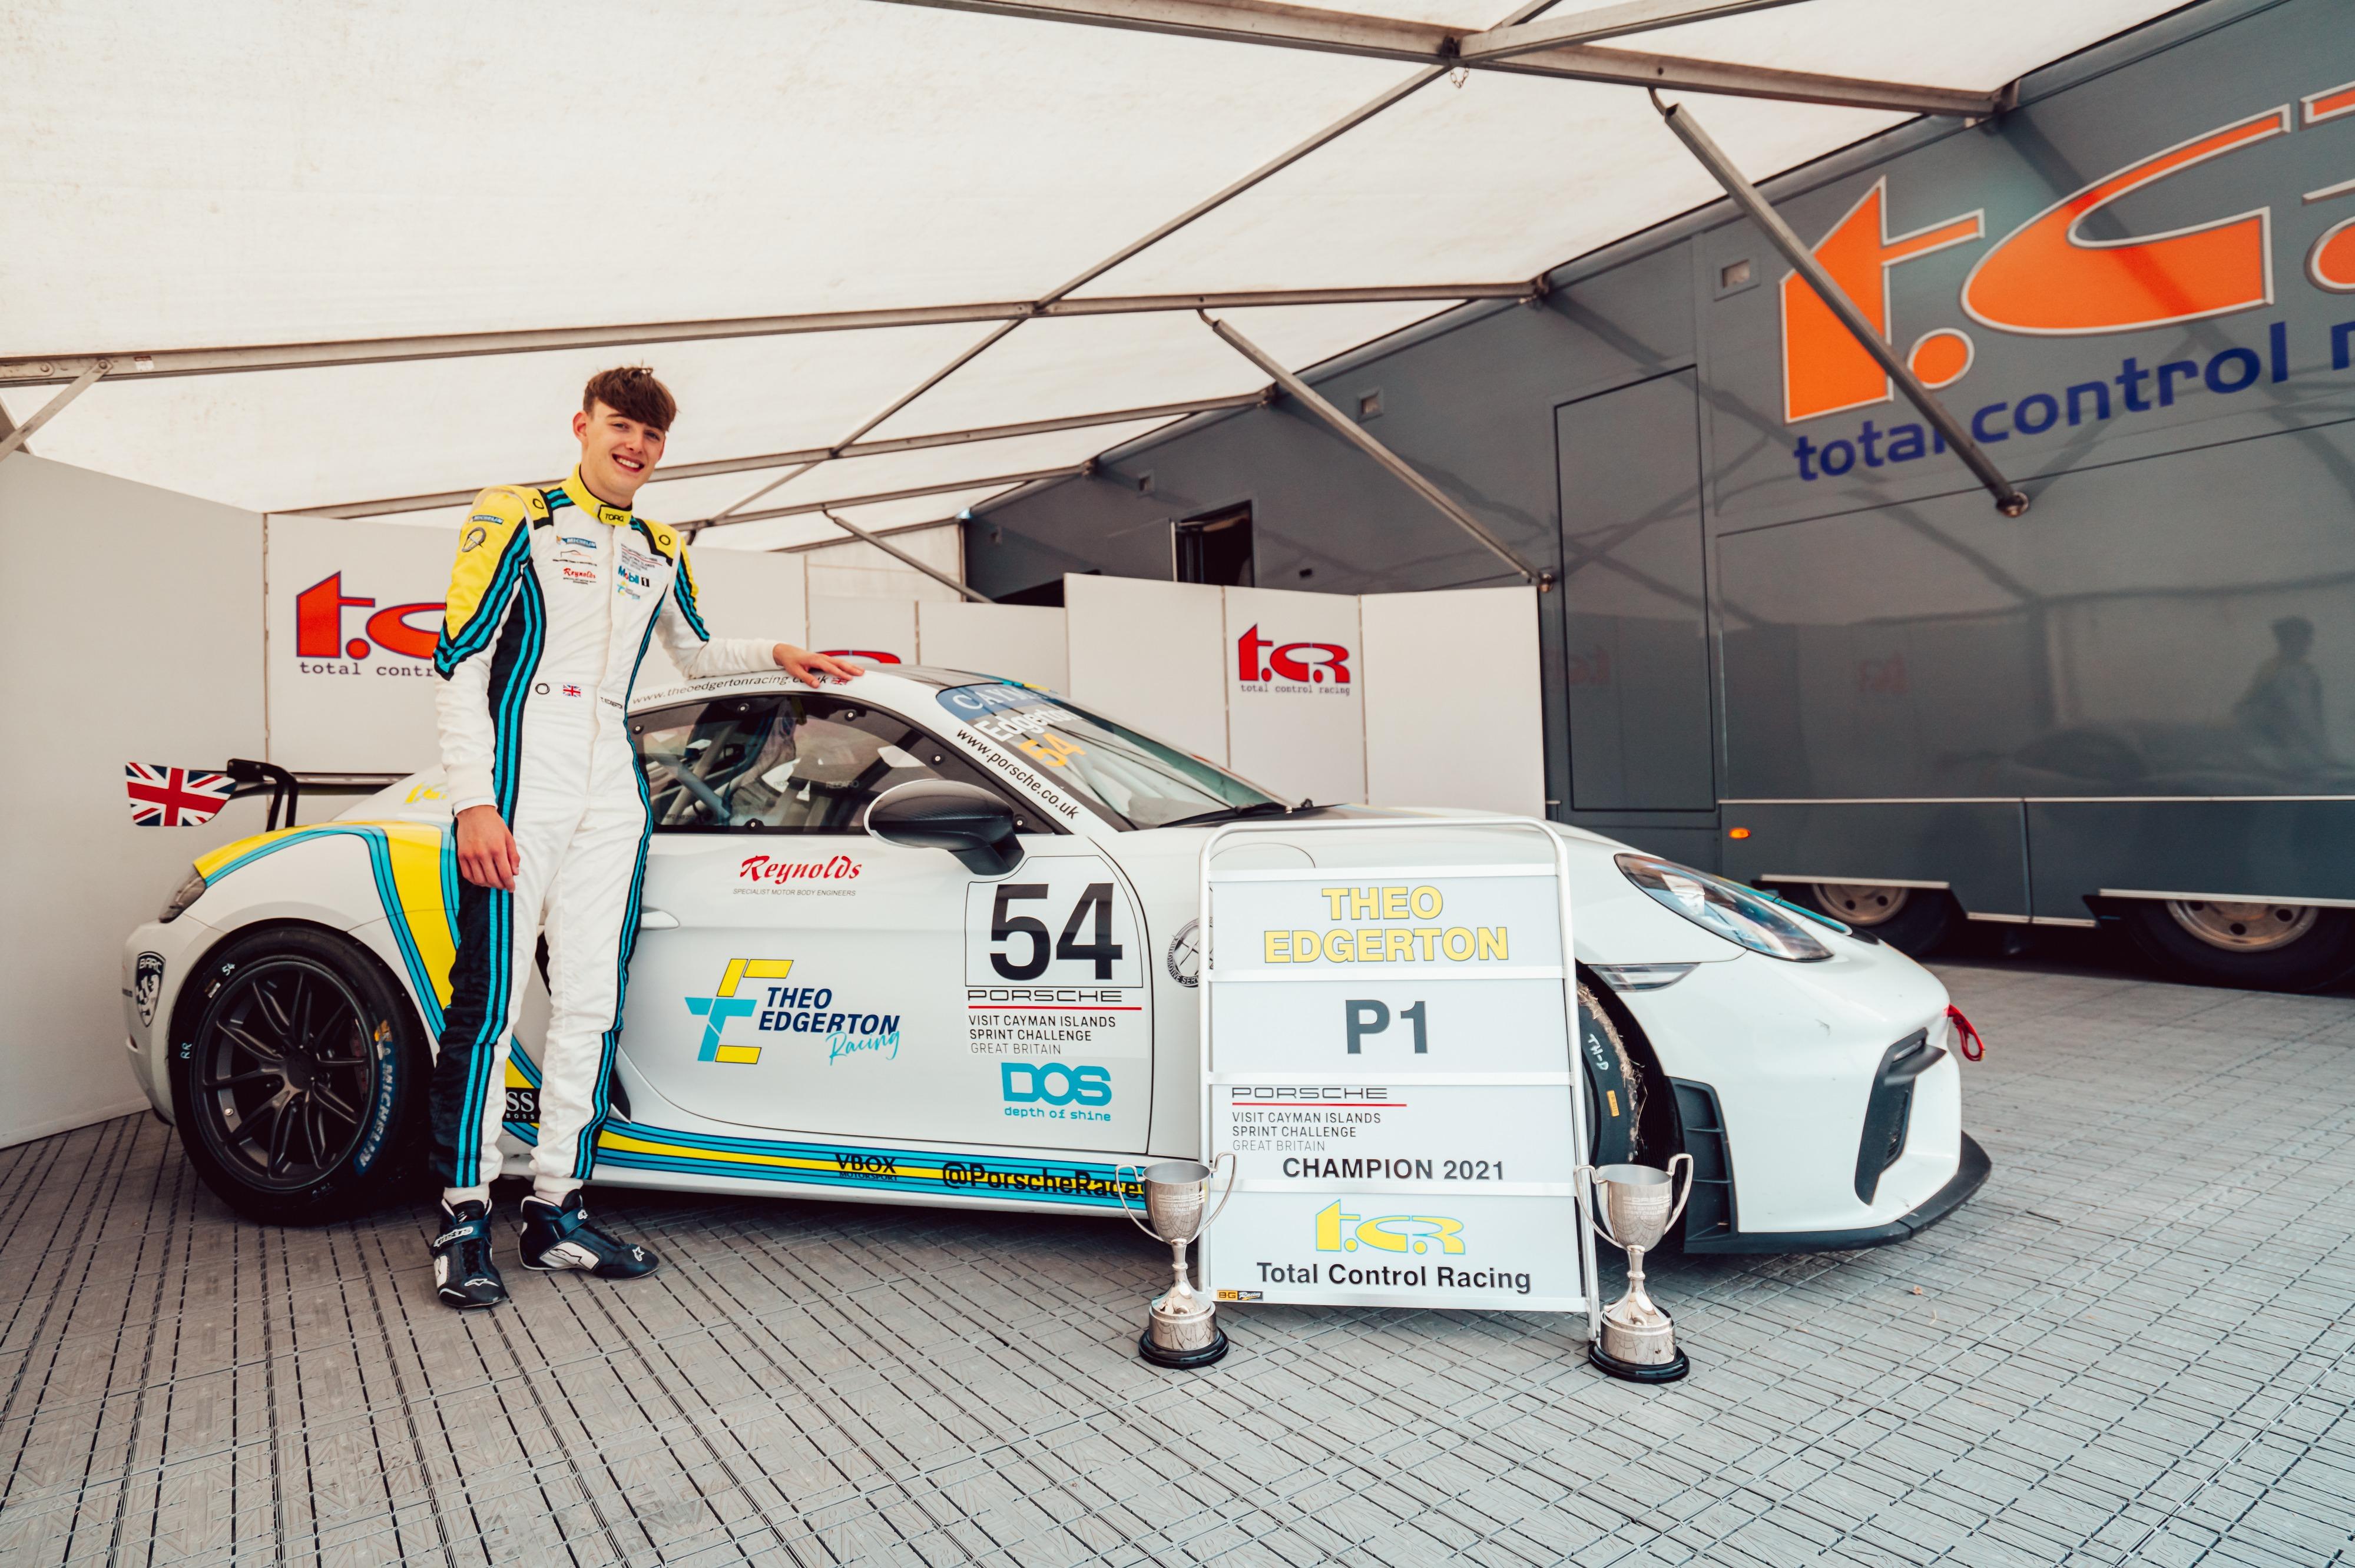 Theo Edgerton, Porsche Sprint Challenge GB, Thruxton 2021